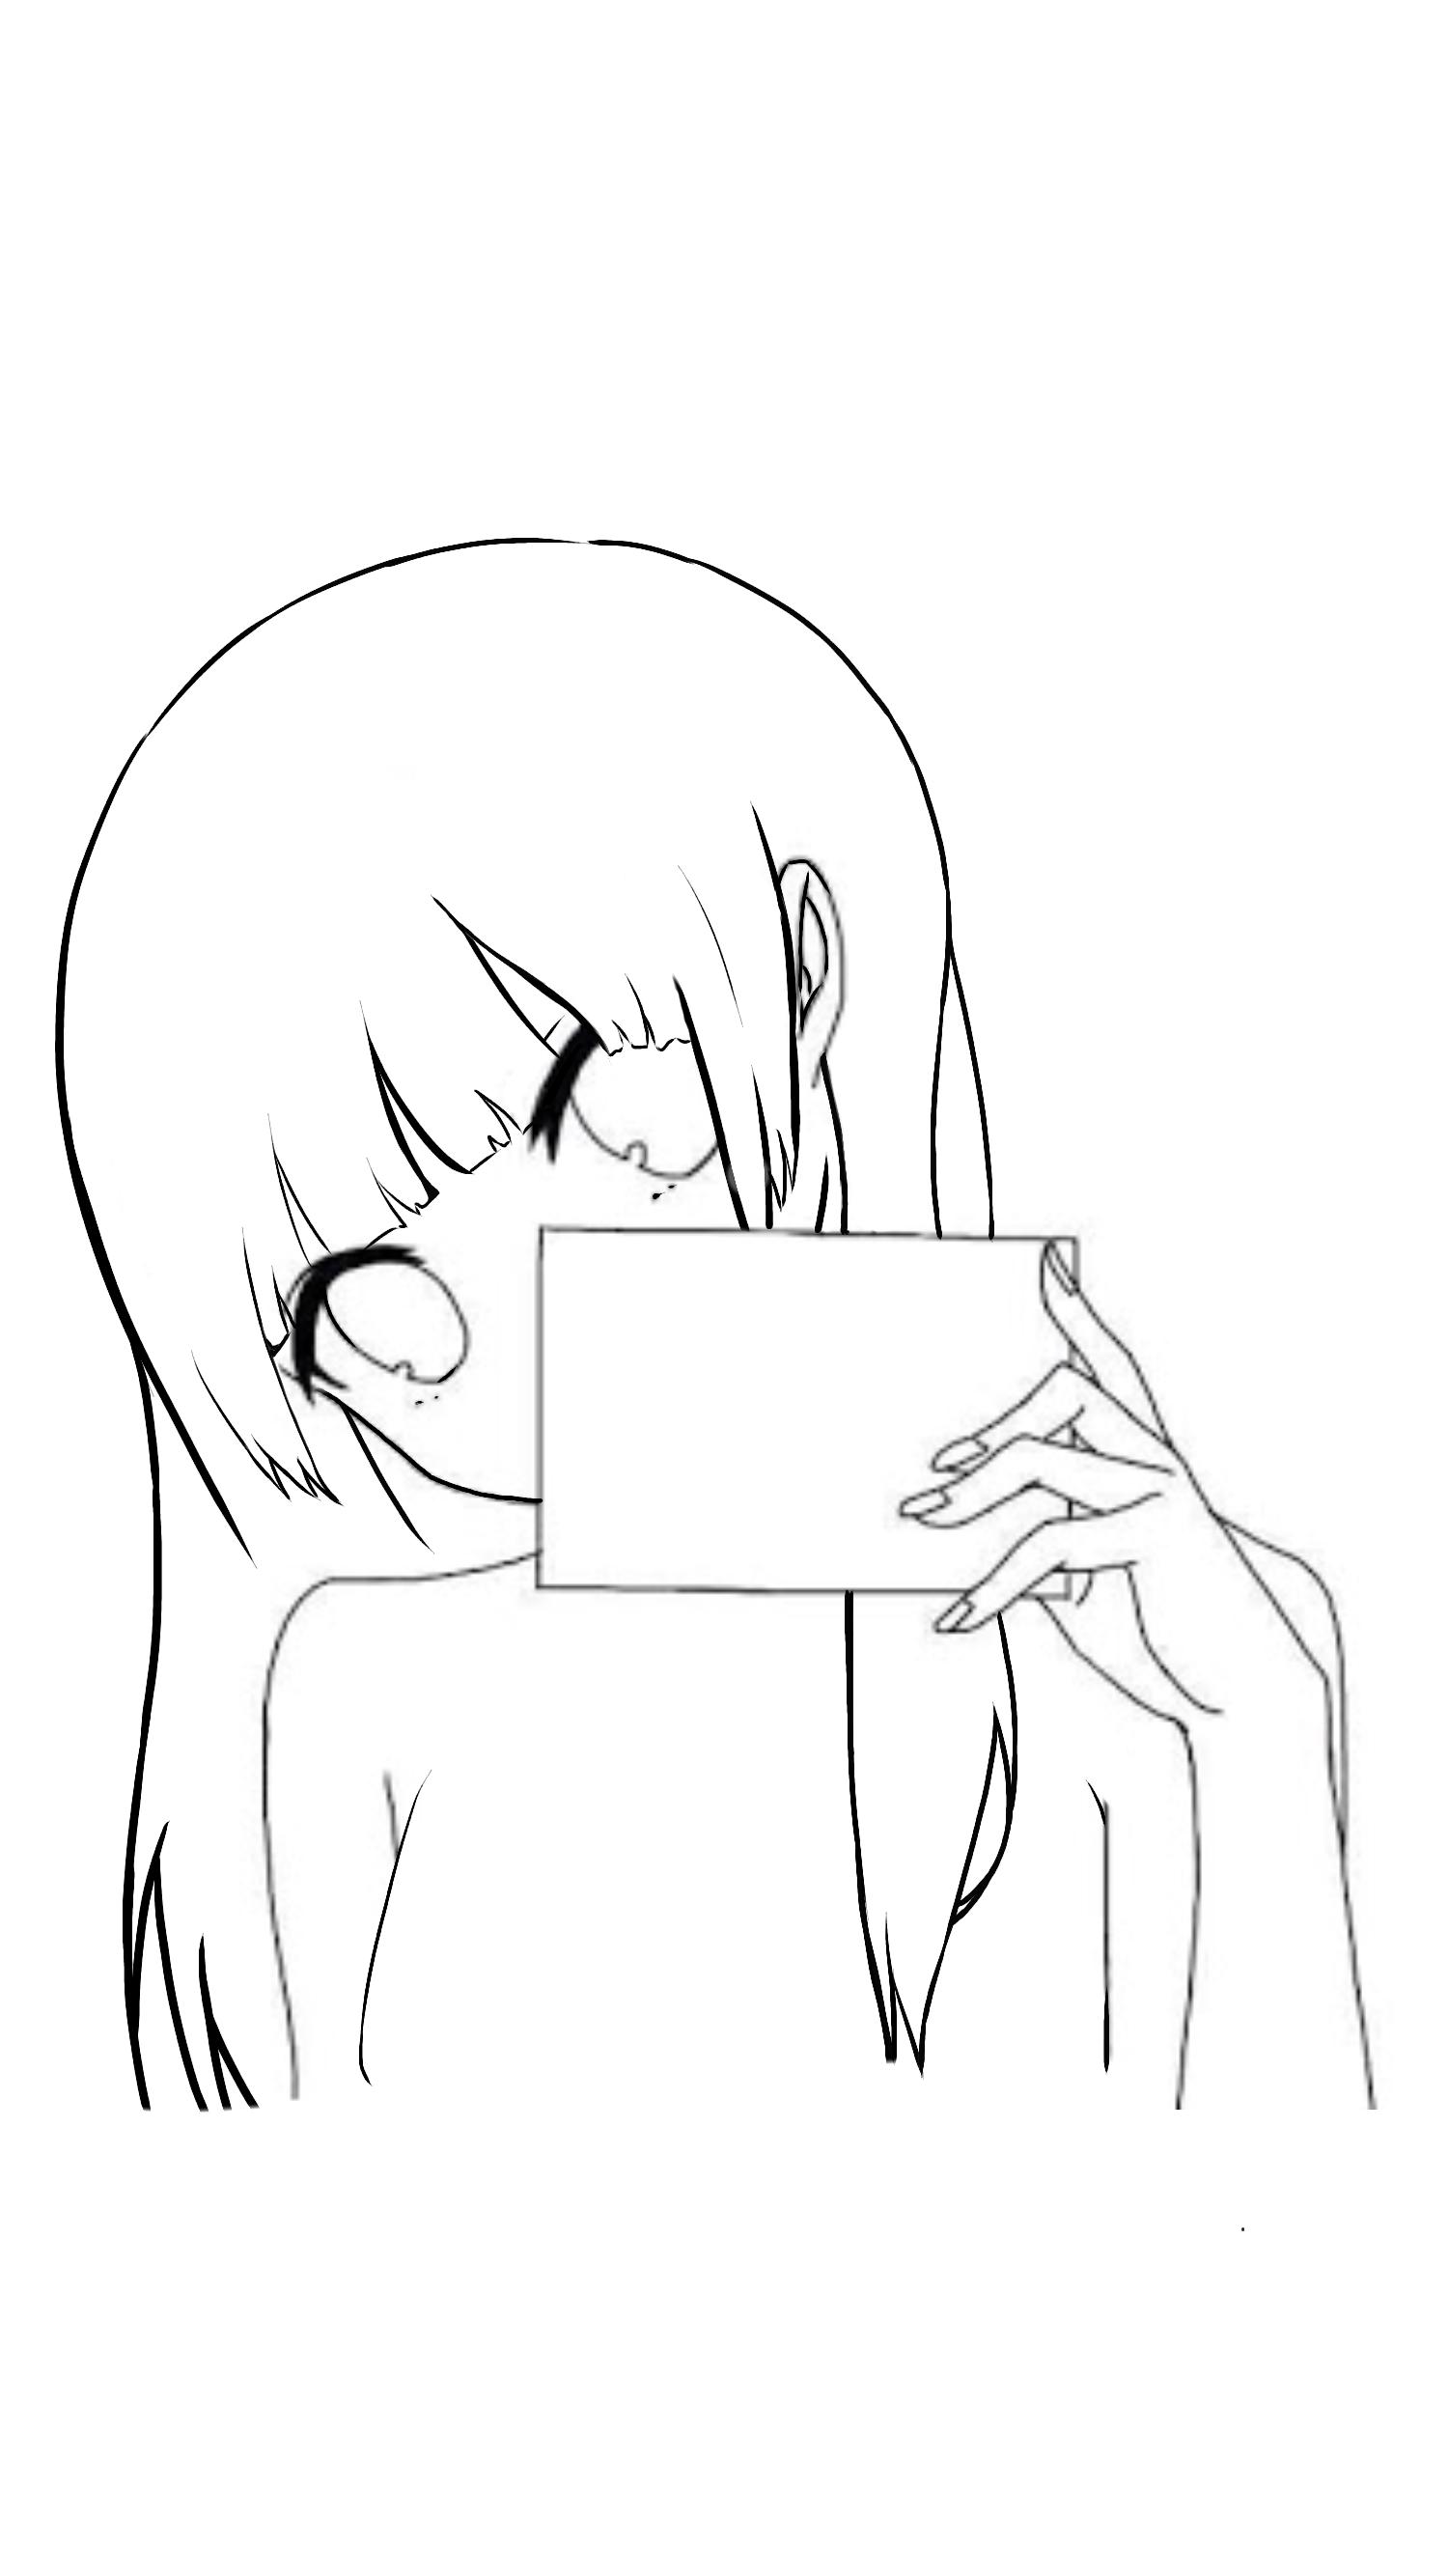 線画】トレス画【楓姫】 - ibisP...